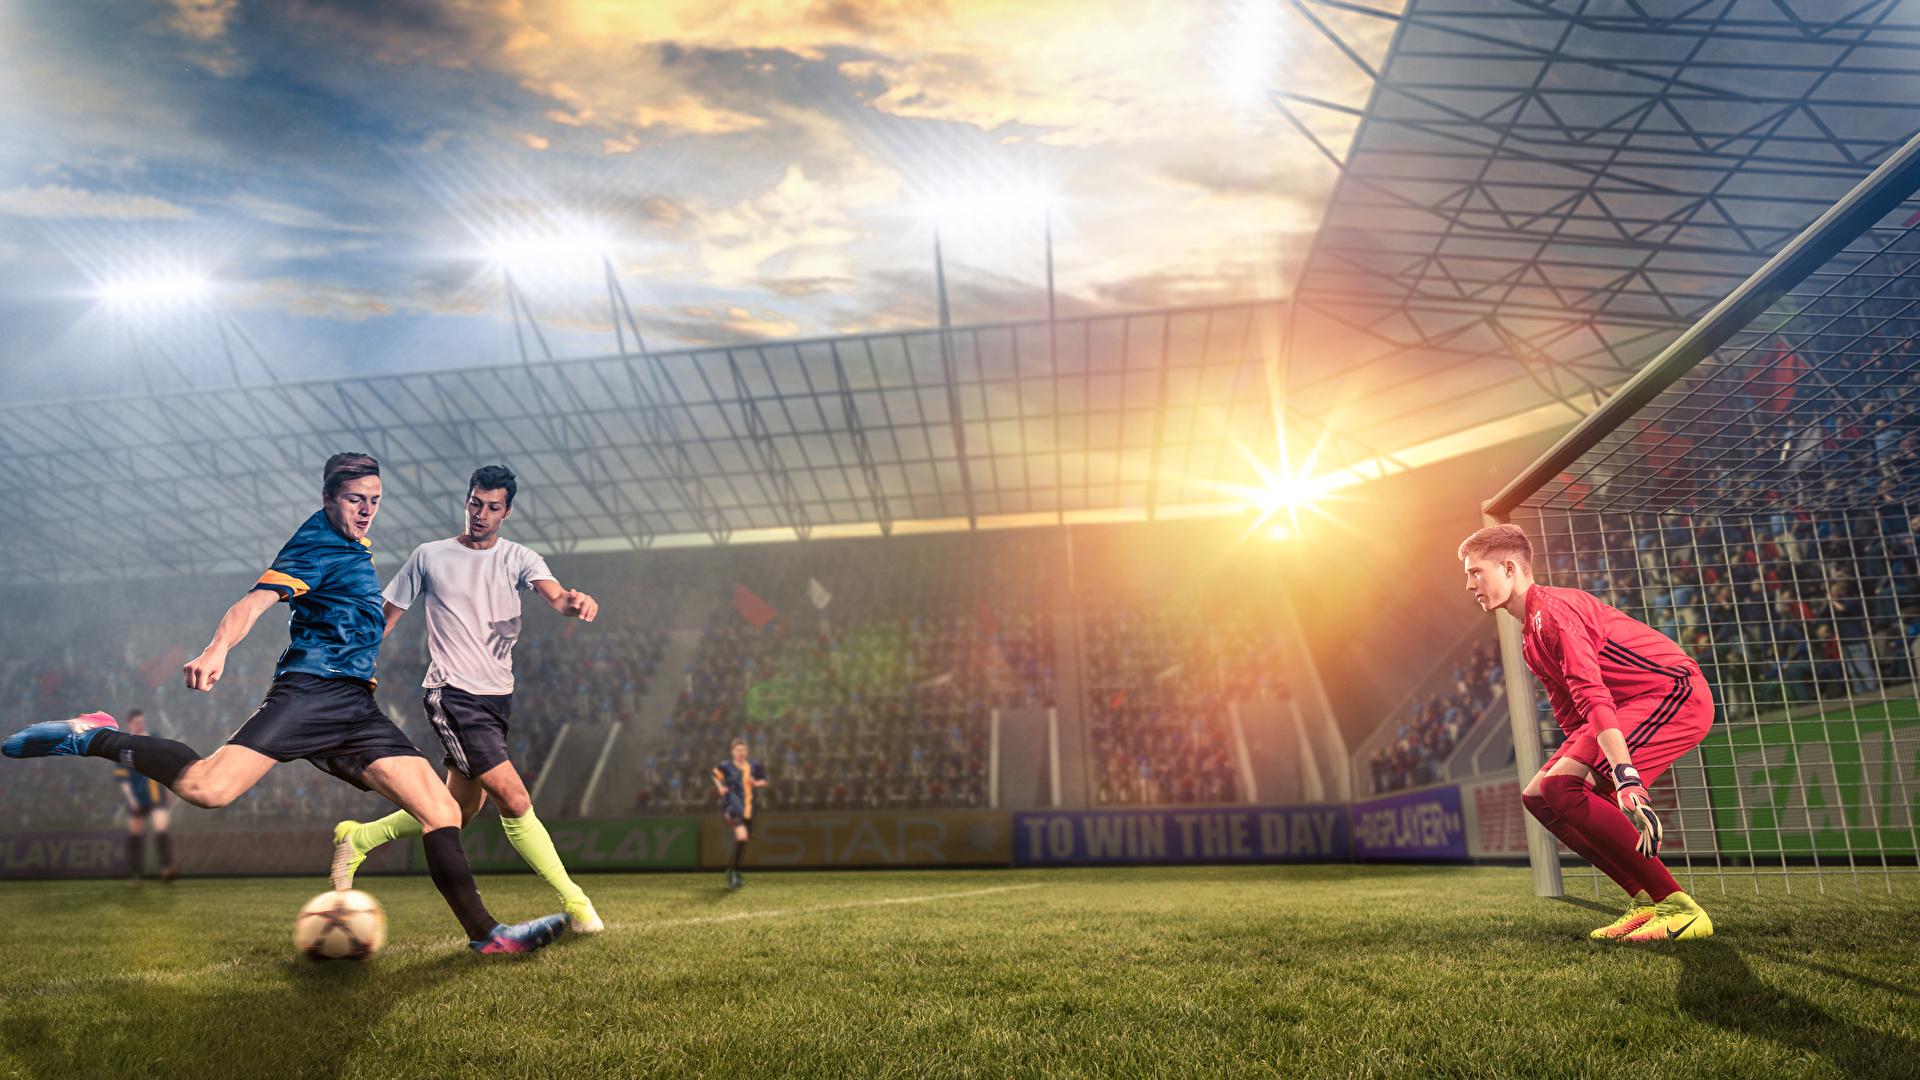 Desktop Wallpapers Man Goalkeeper football sports 1920x1080 1920x1080